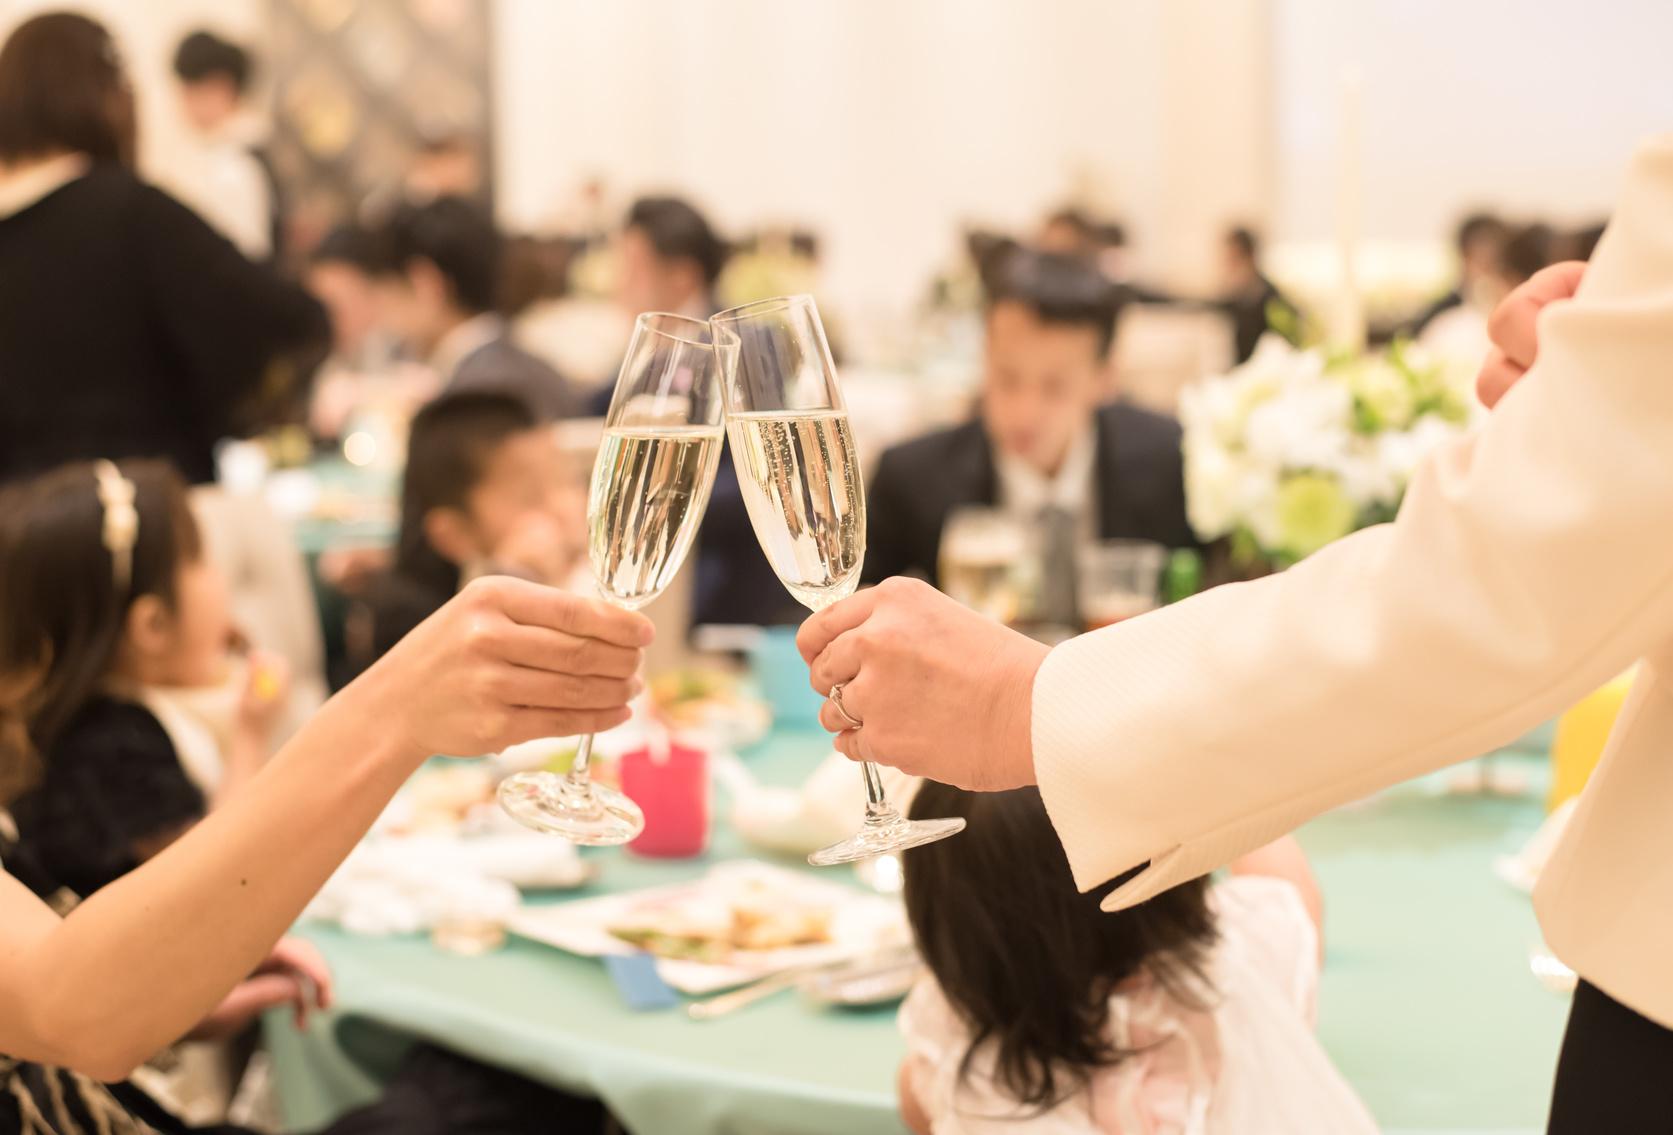 シャンパングラスを持つ女性の手元の写真